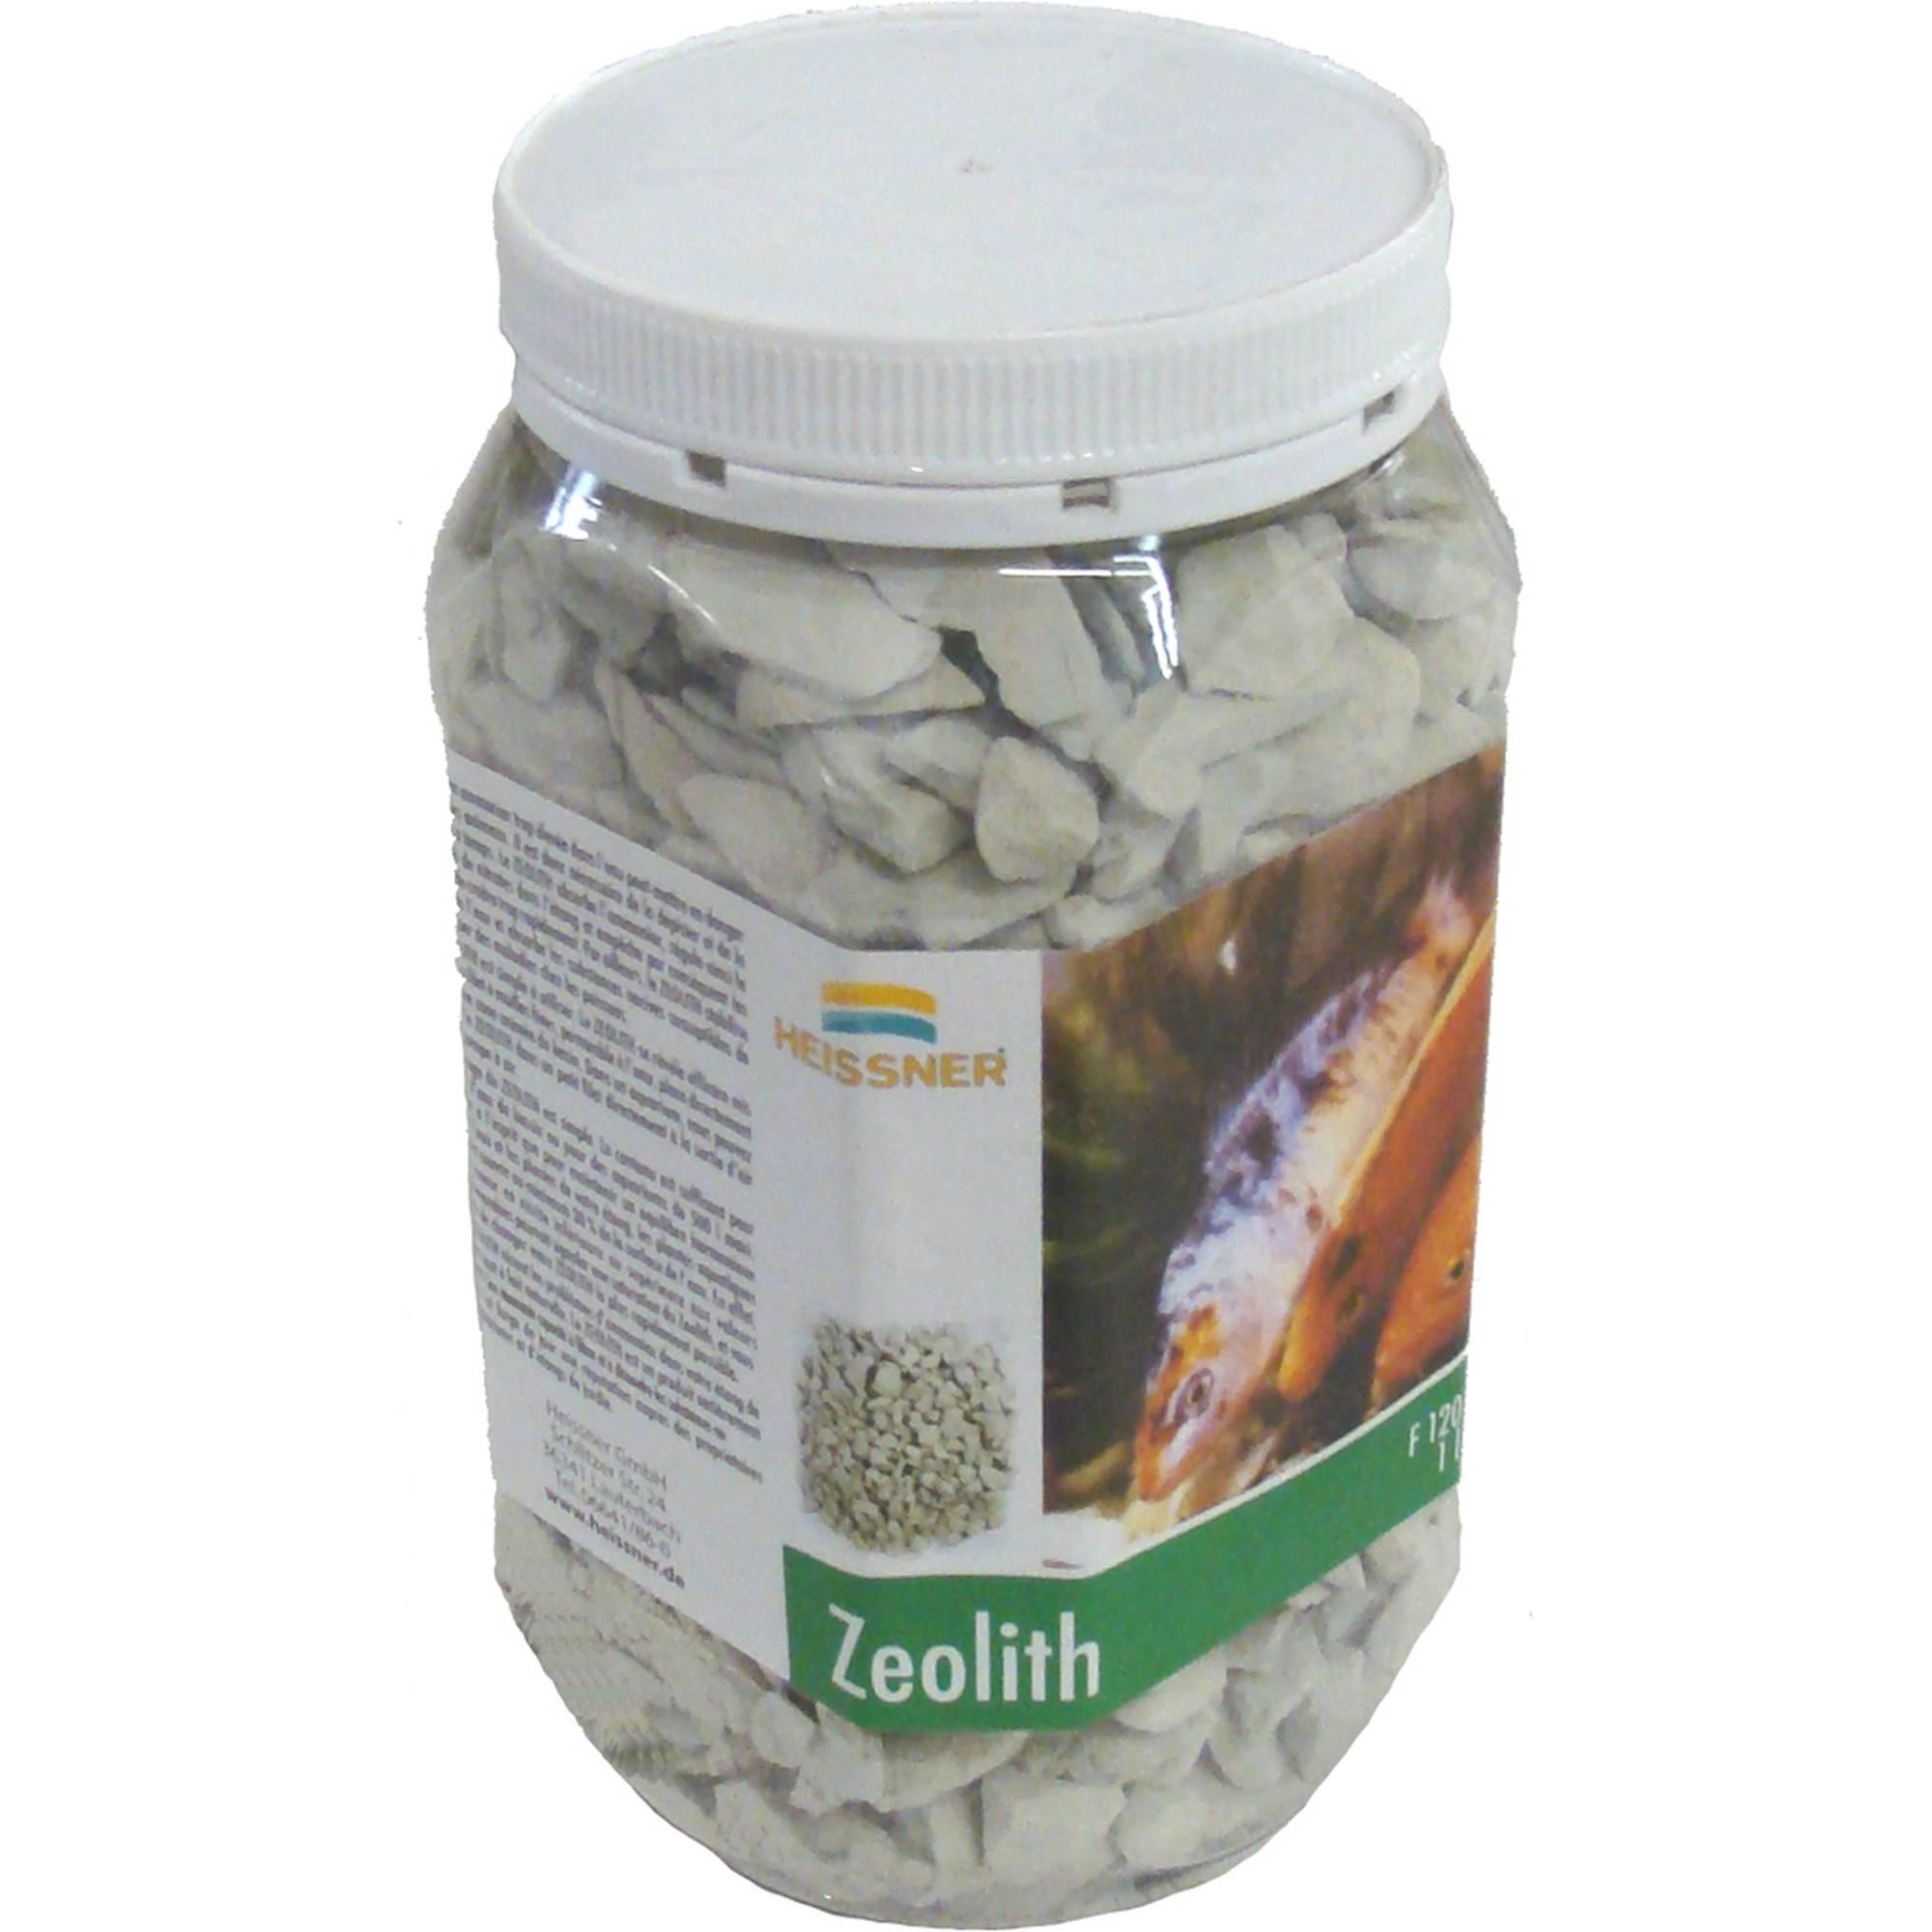 Zeolith 1kg ausreichend für 1000l Teichwasser gegen Algen von Heissner